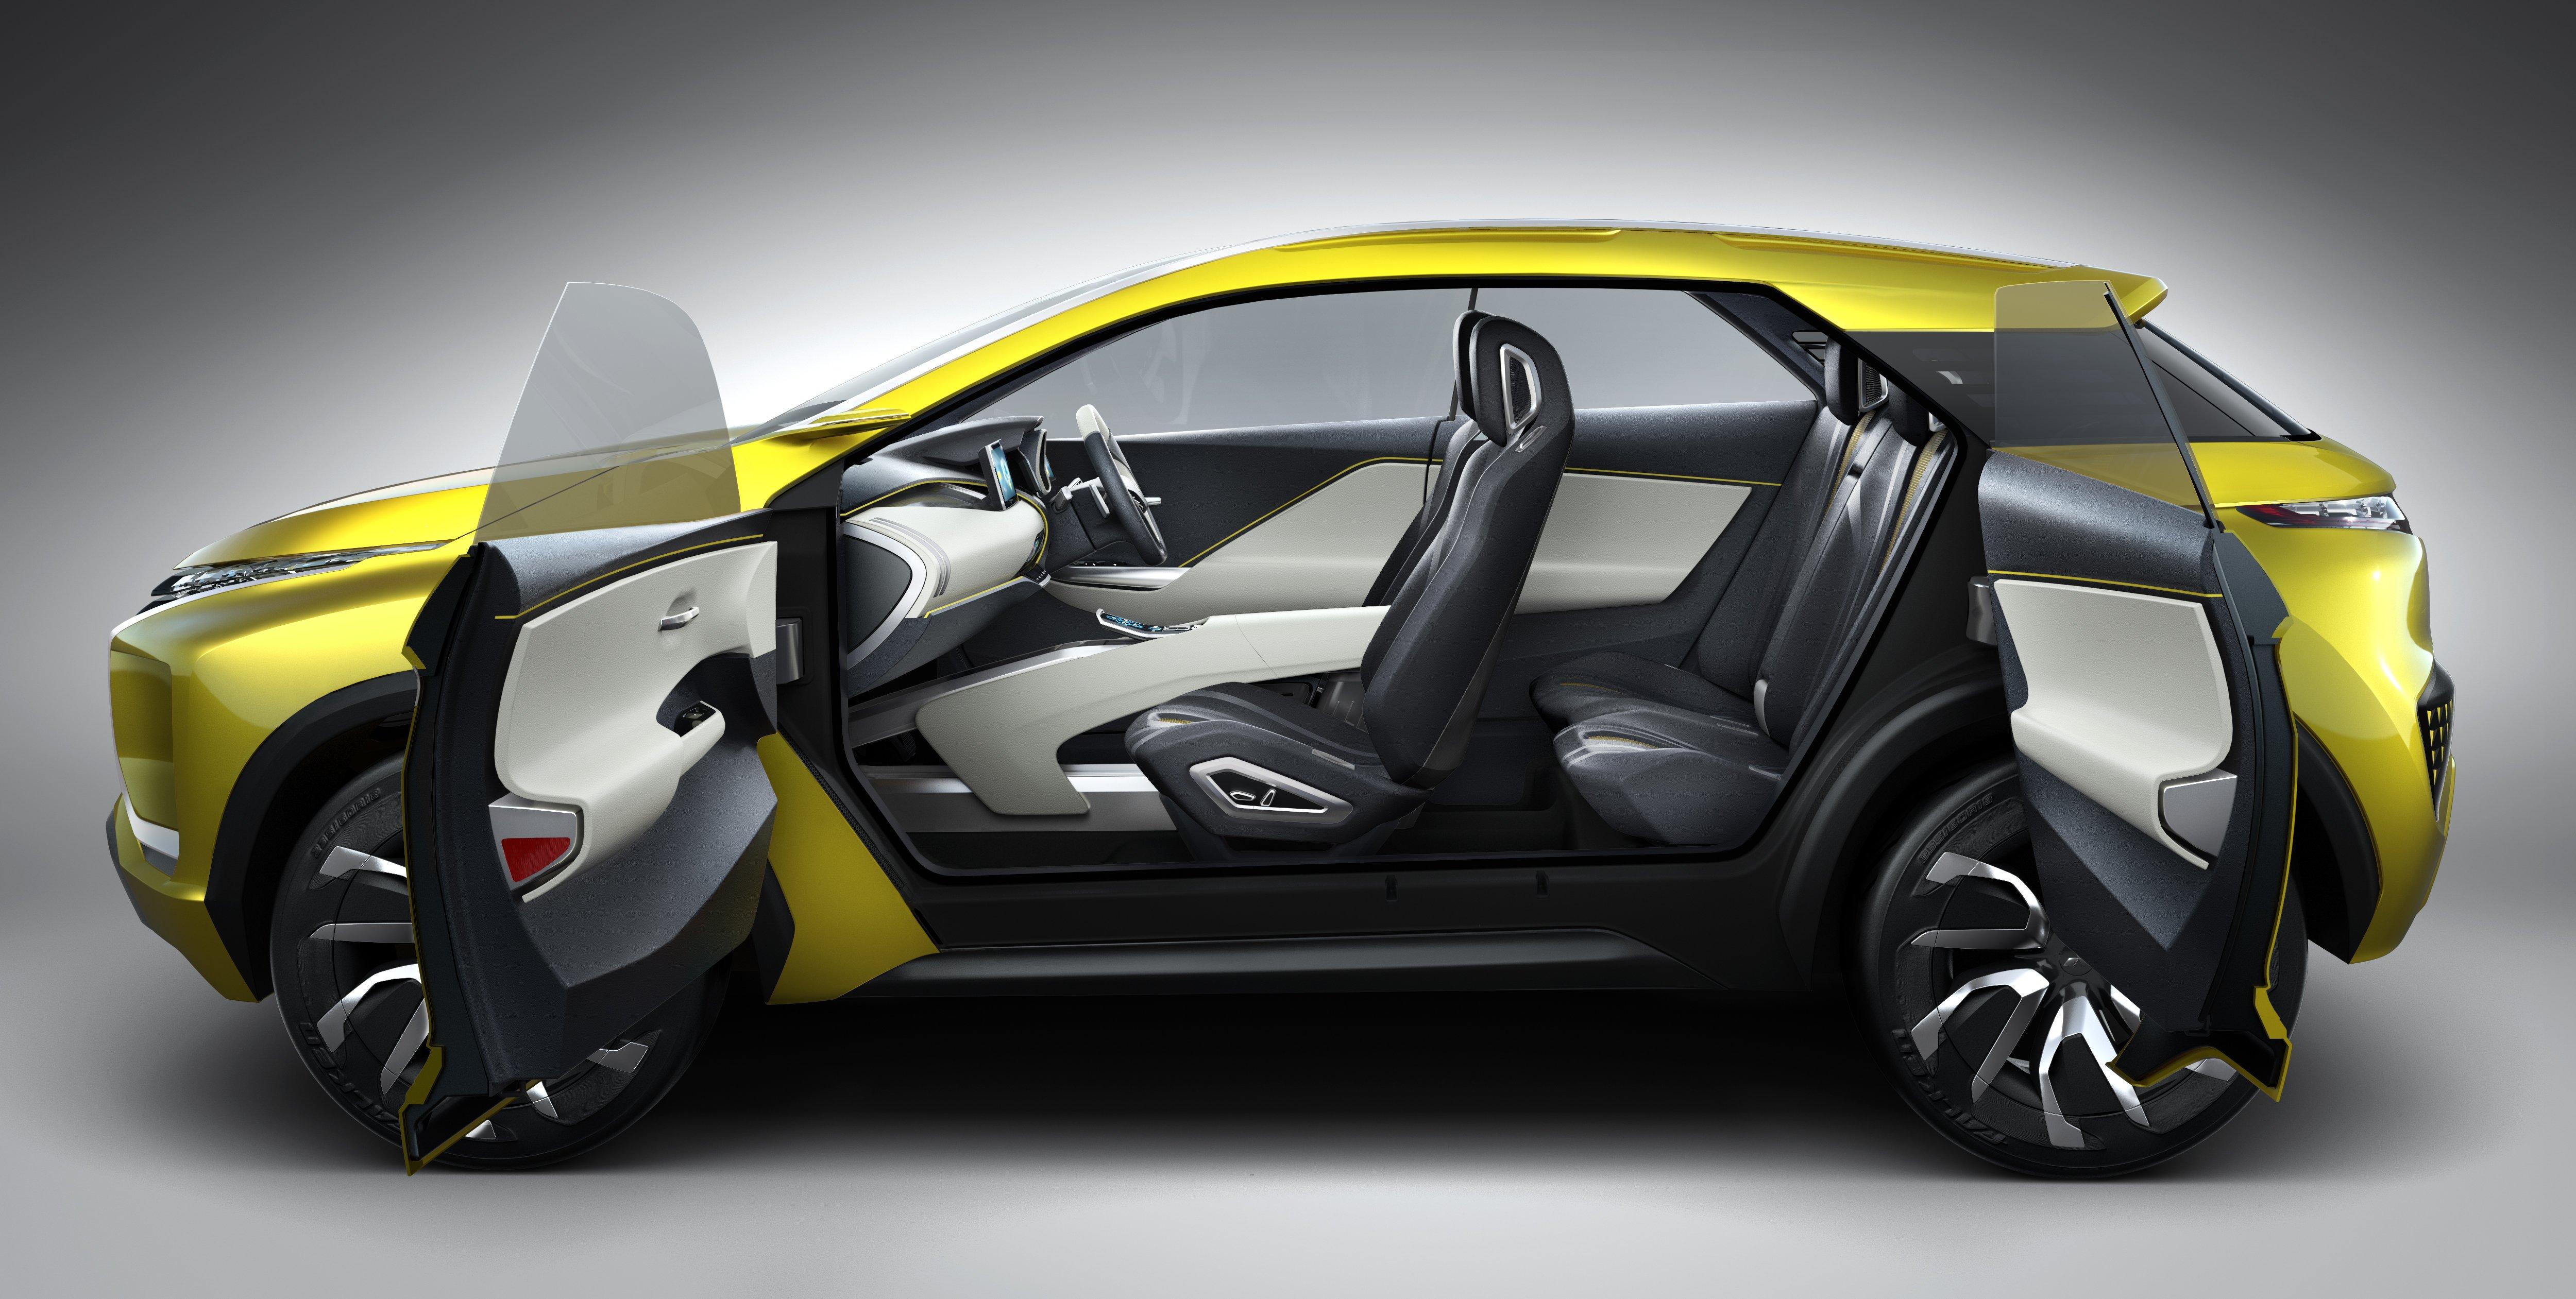 Mitsubishi Suv 2015 >> Mitsubishi eX Concept – EV SUV set for Tokyo debut Paul Tan - Image 389663